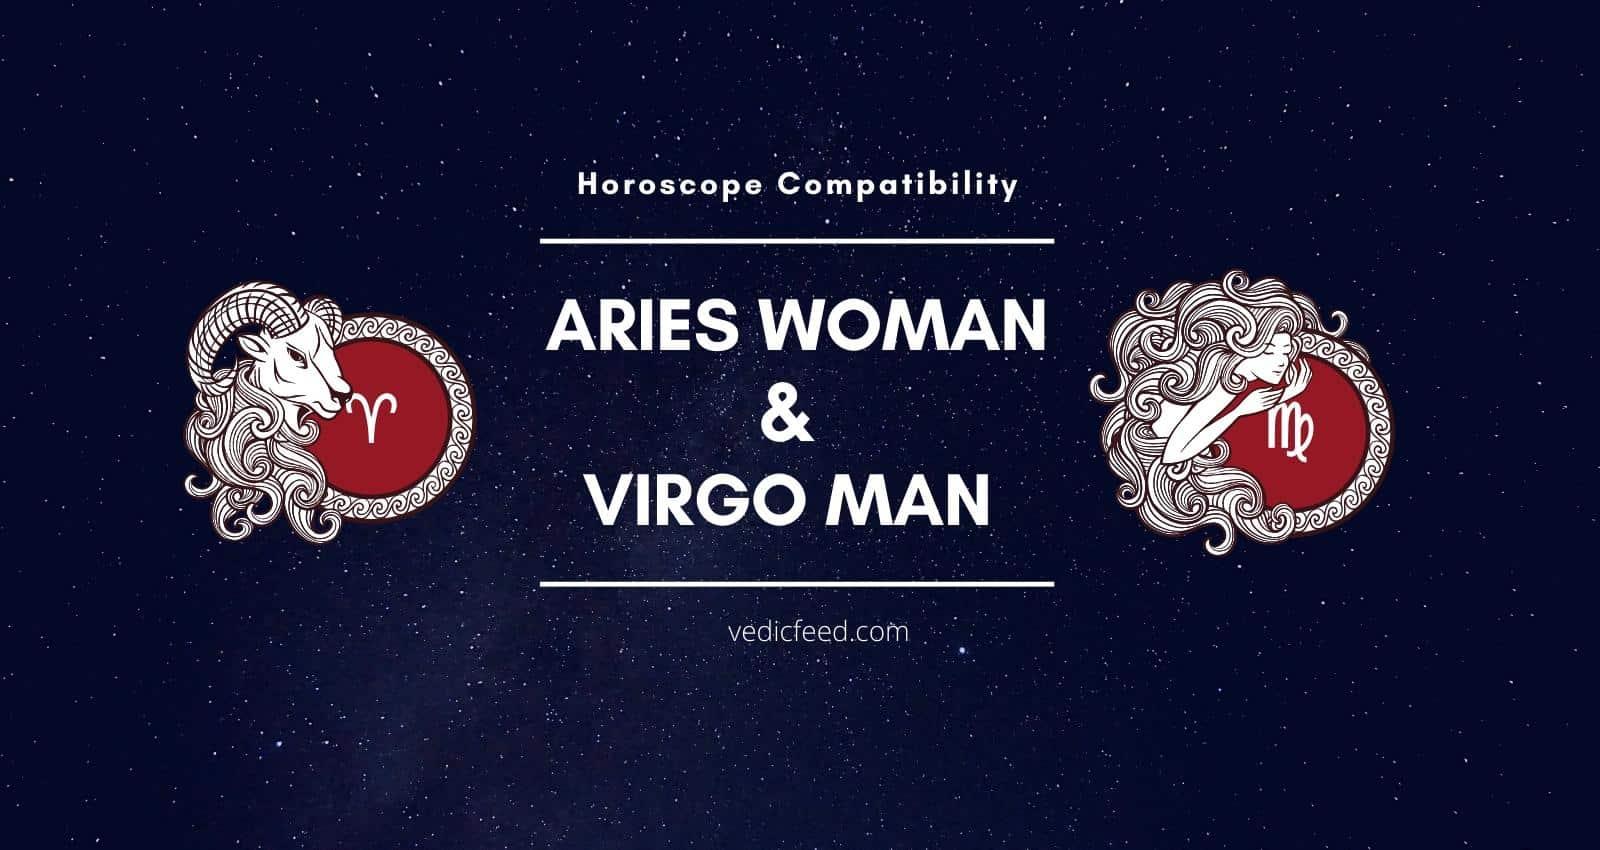 Aries Women and Virgo Man